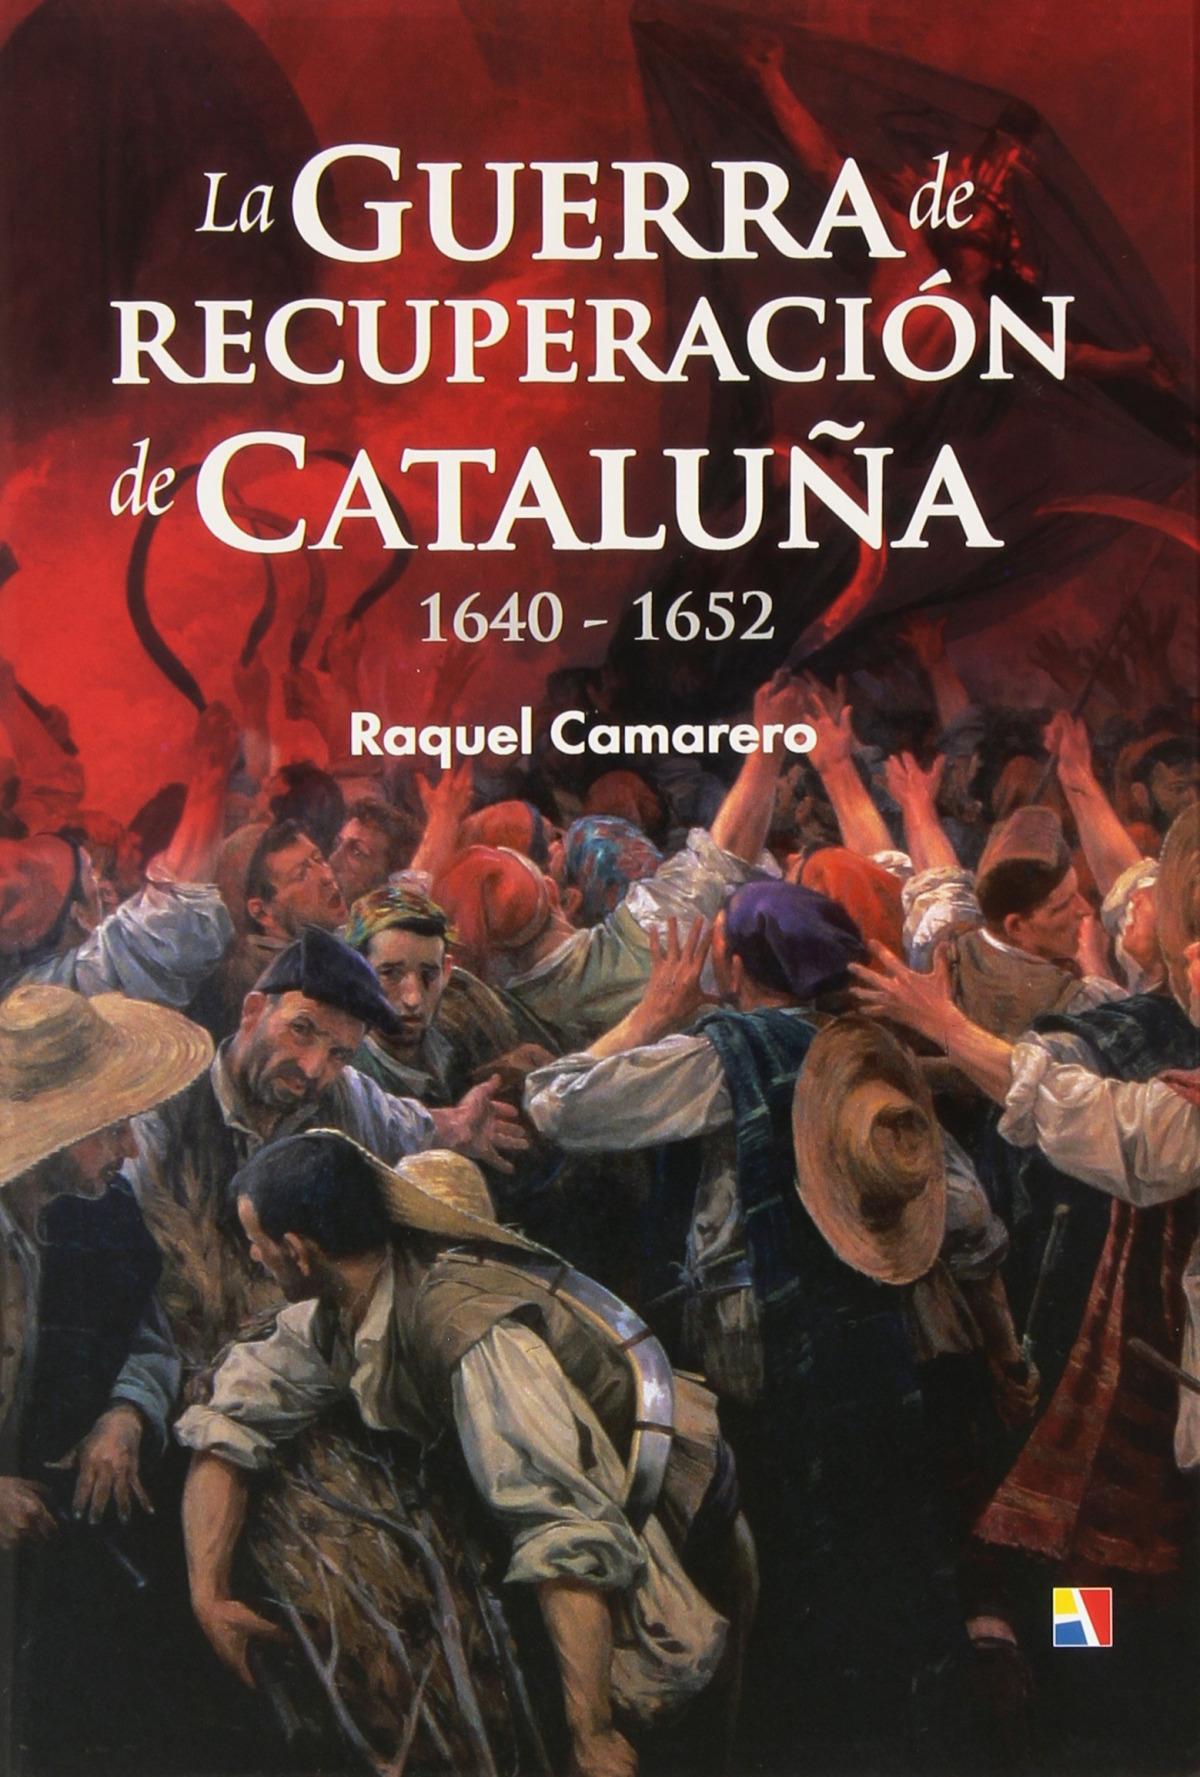 La Guerra de recuperación de Cataluña 9788497391504